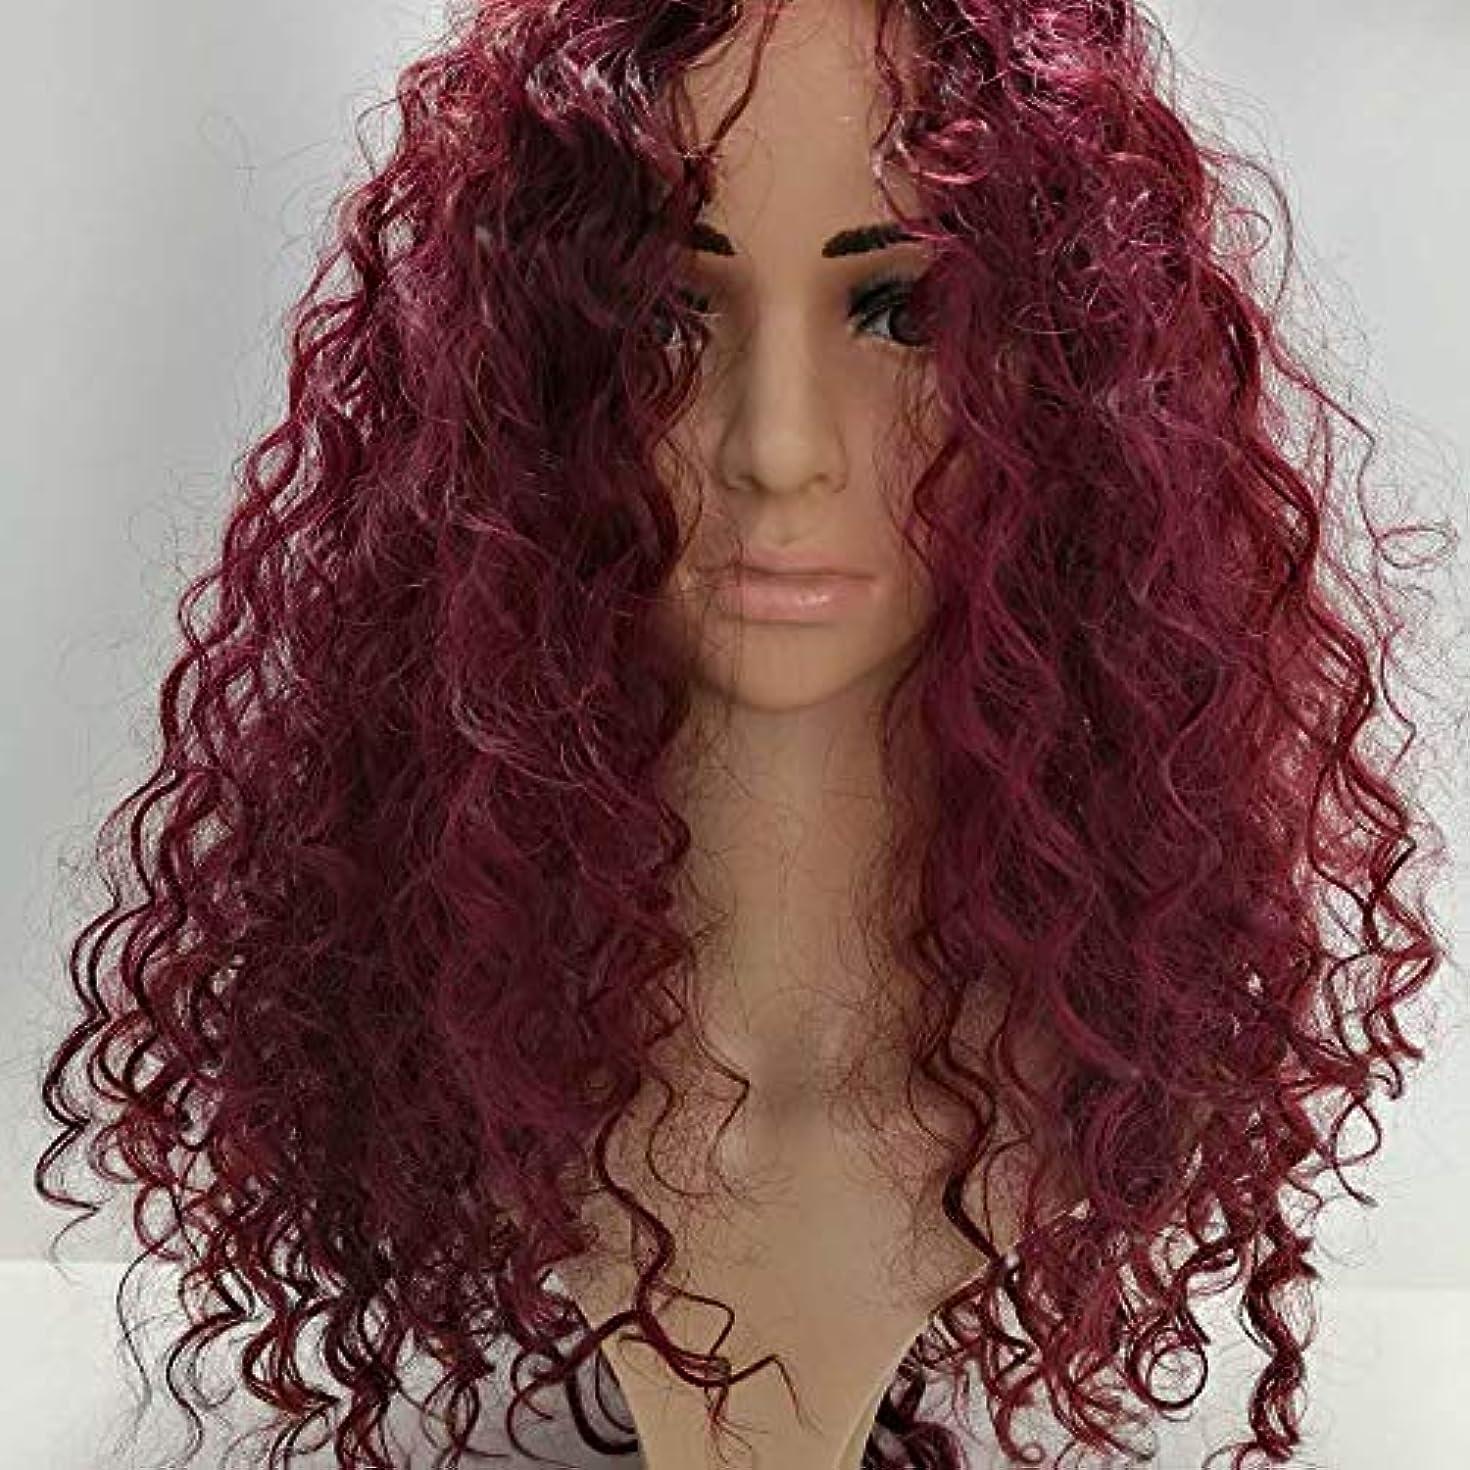 脇に織る吸収剤HOHYLLYA 黒のかつら女性のための長いふわふわカーリーファンシードレスウィッグ耐熱合成毛髪のかつらコスプレパーティー用女性かつらレースのかつらロールプレイングかつら (色 : ワインレッド)